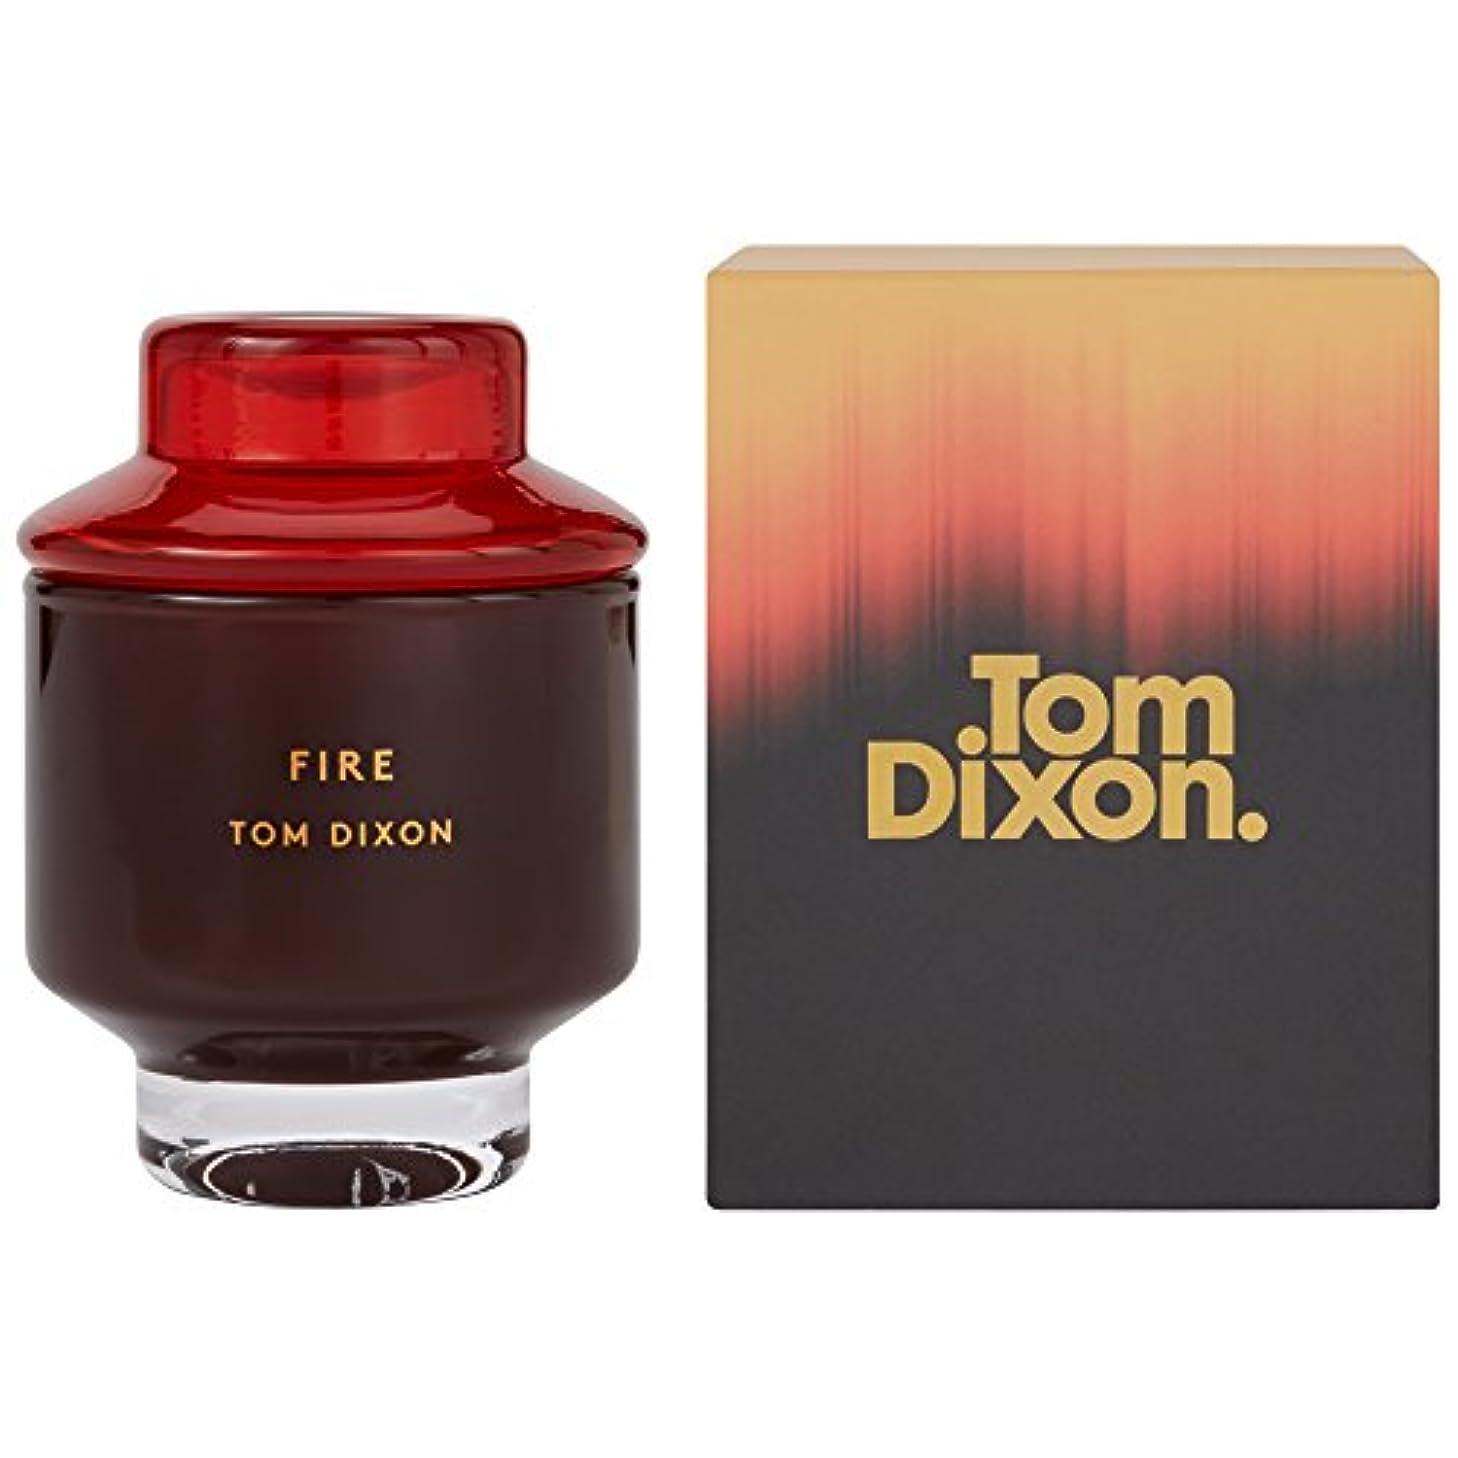 ポーク憎しみ幼児Tom Dixon Fire Scented Candle Medium (Pack of 2) - トム?ディクソン火災香りのキャンドル媒体 x2 [並行輸入品]